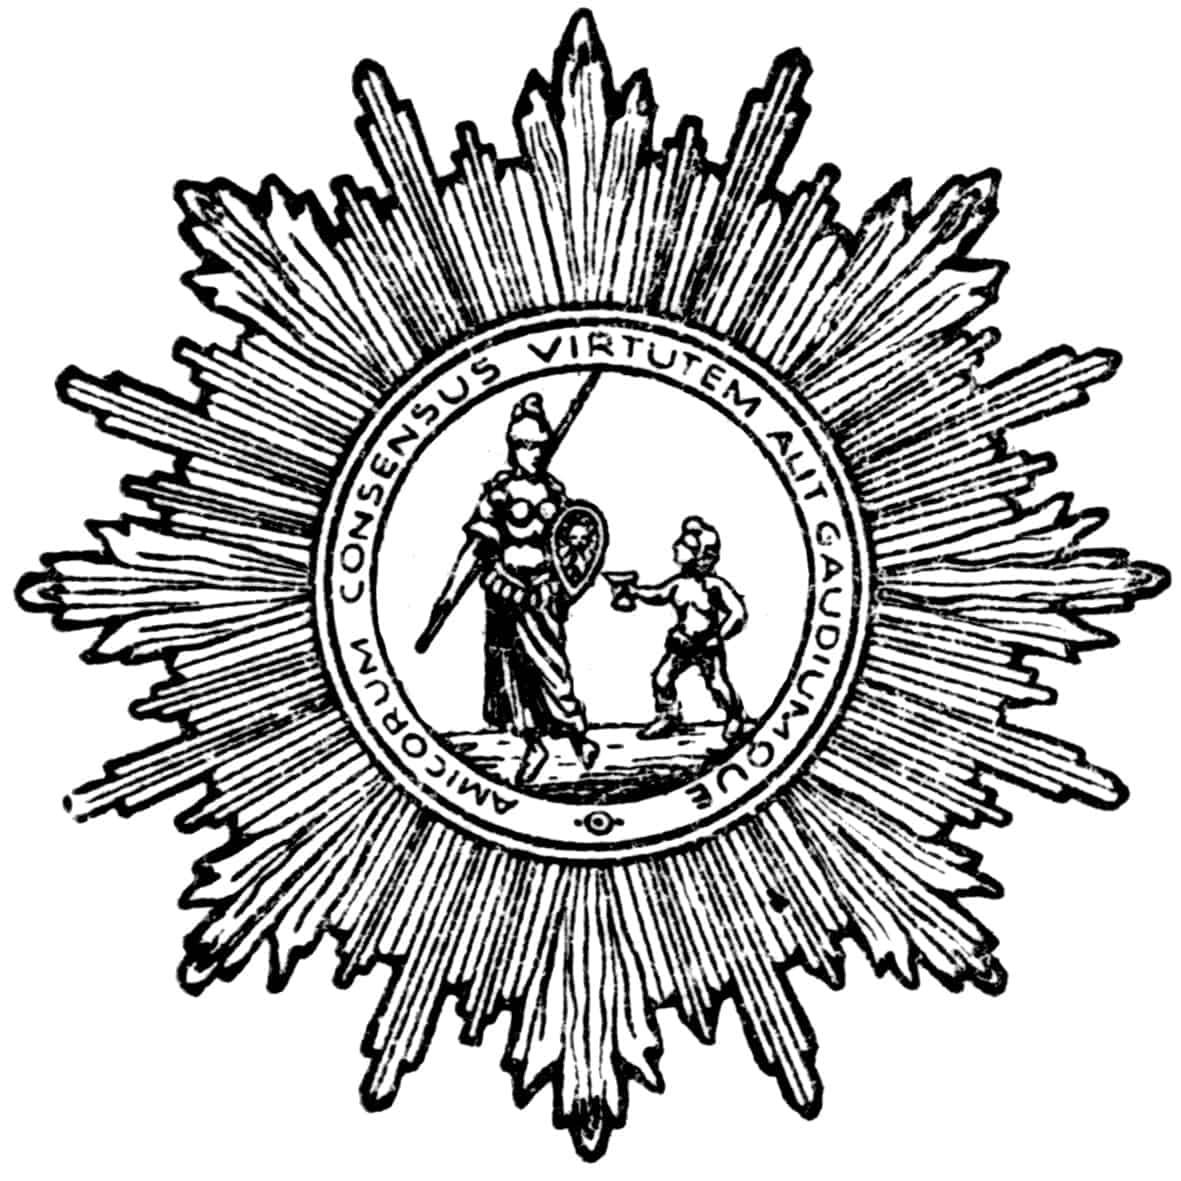 Utrechtsch Studenten Corps